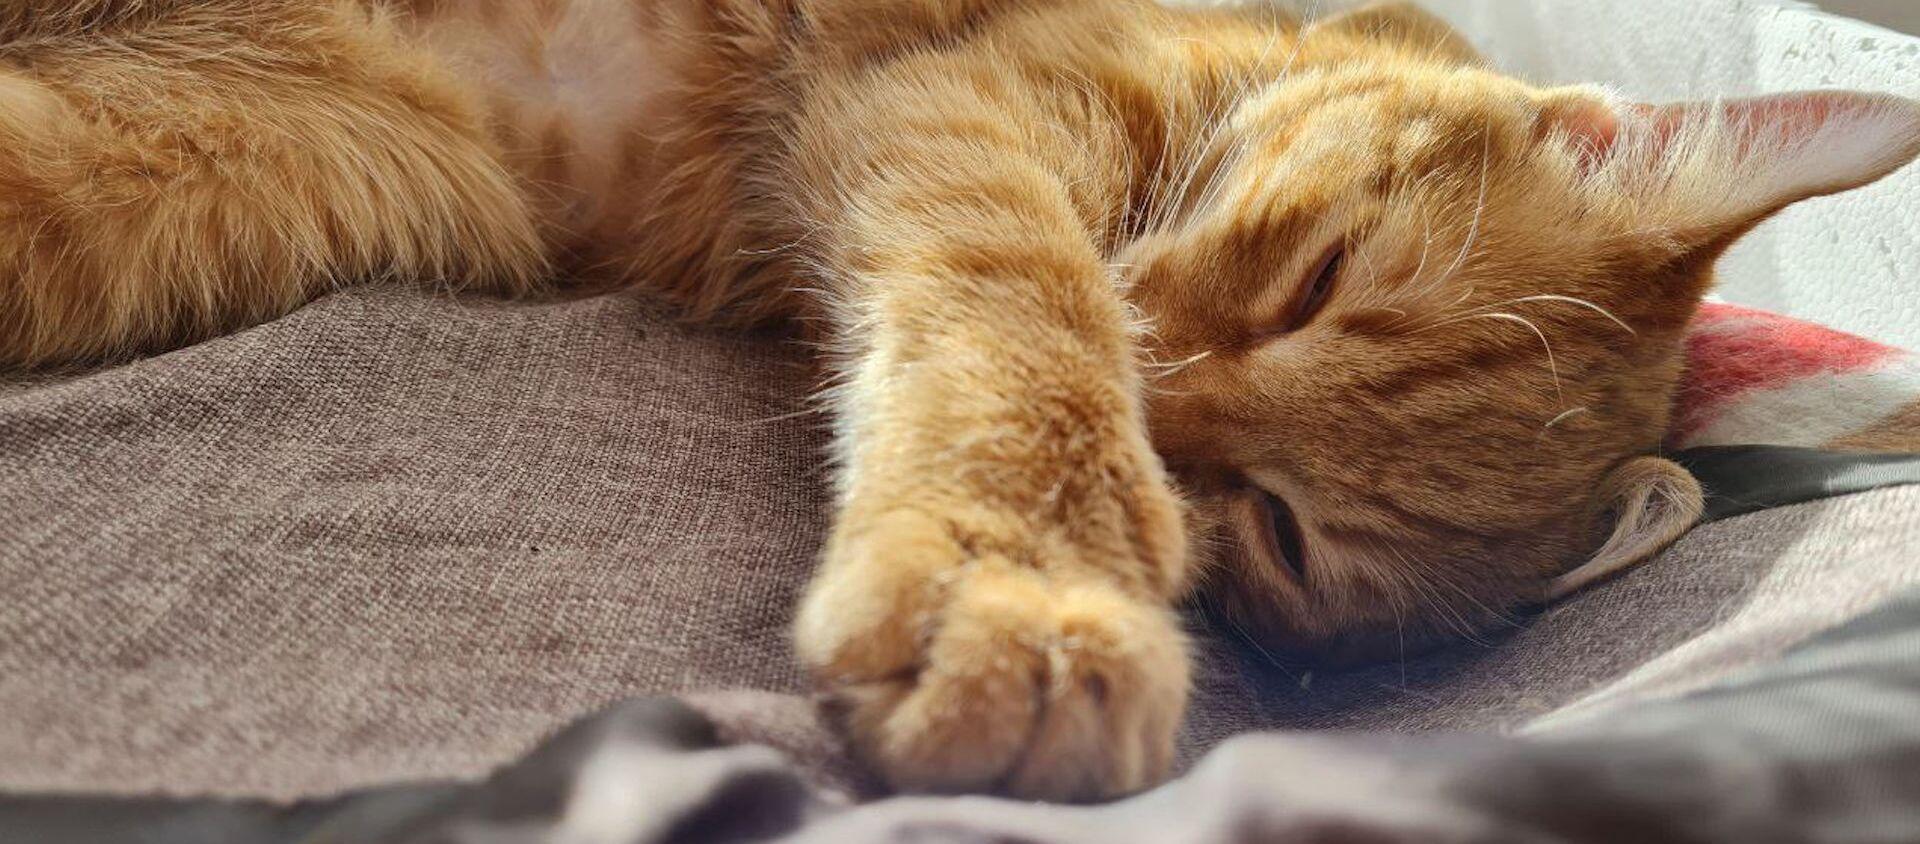 Как живет кот, ставший жертвой жестокой игры ребенка – видео - Sputnik Беларусь, 1920, 27.02.2021